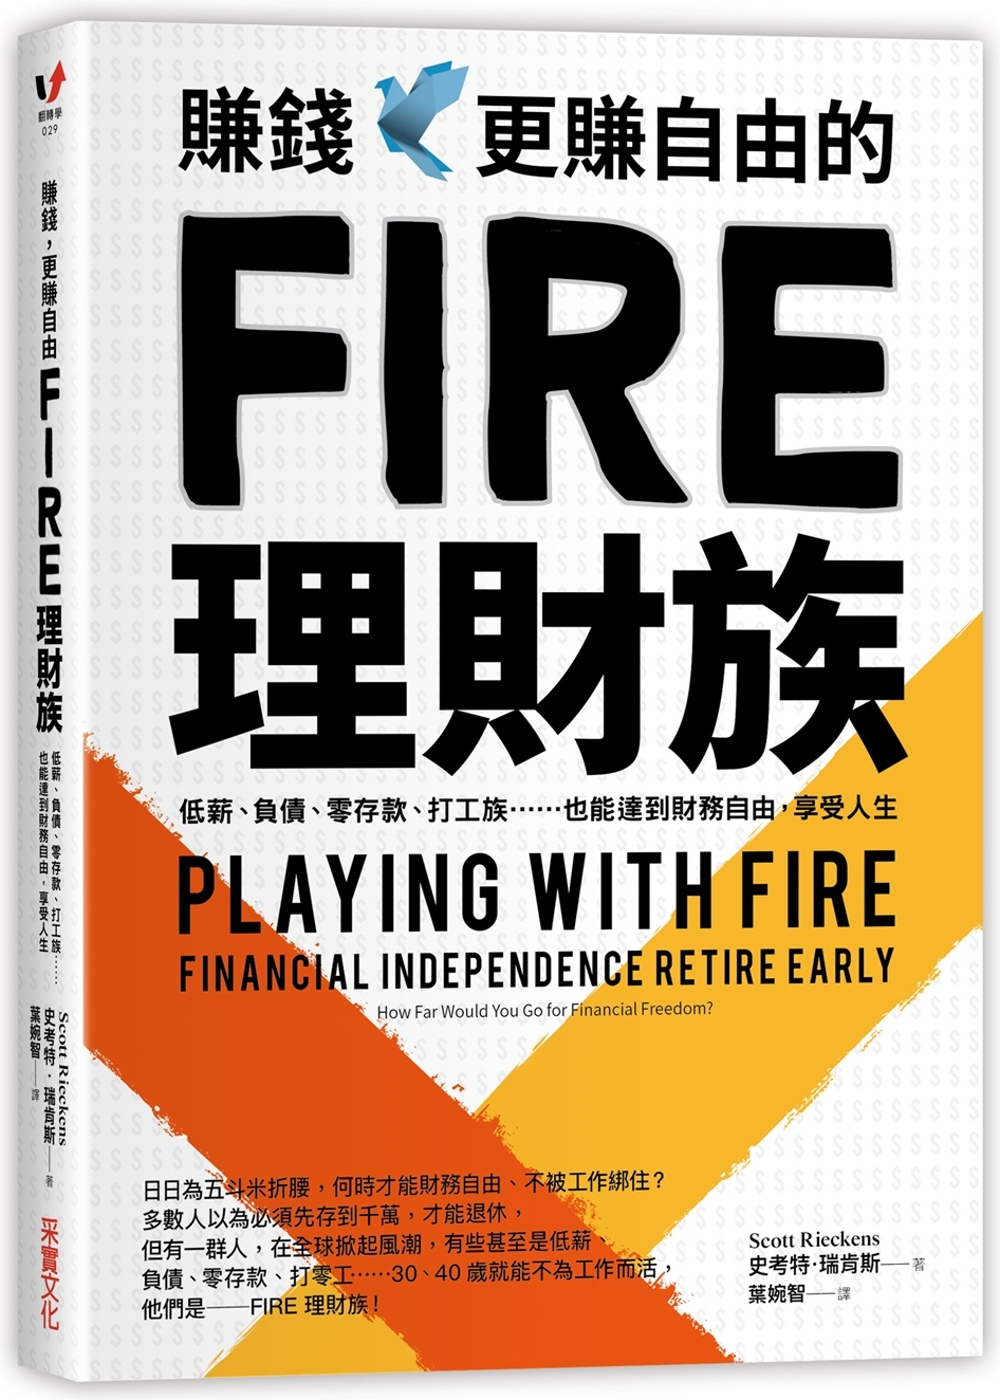 賺錢,更賺自由的FIRE理財族:低薪、負債、零存款、打工族……也能達到財務自由,享受人生